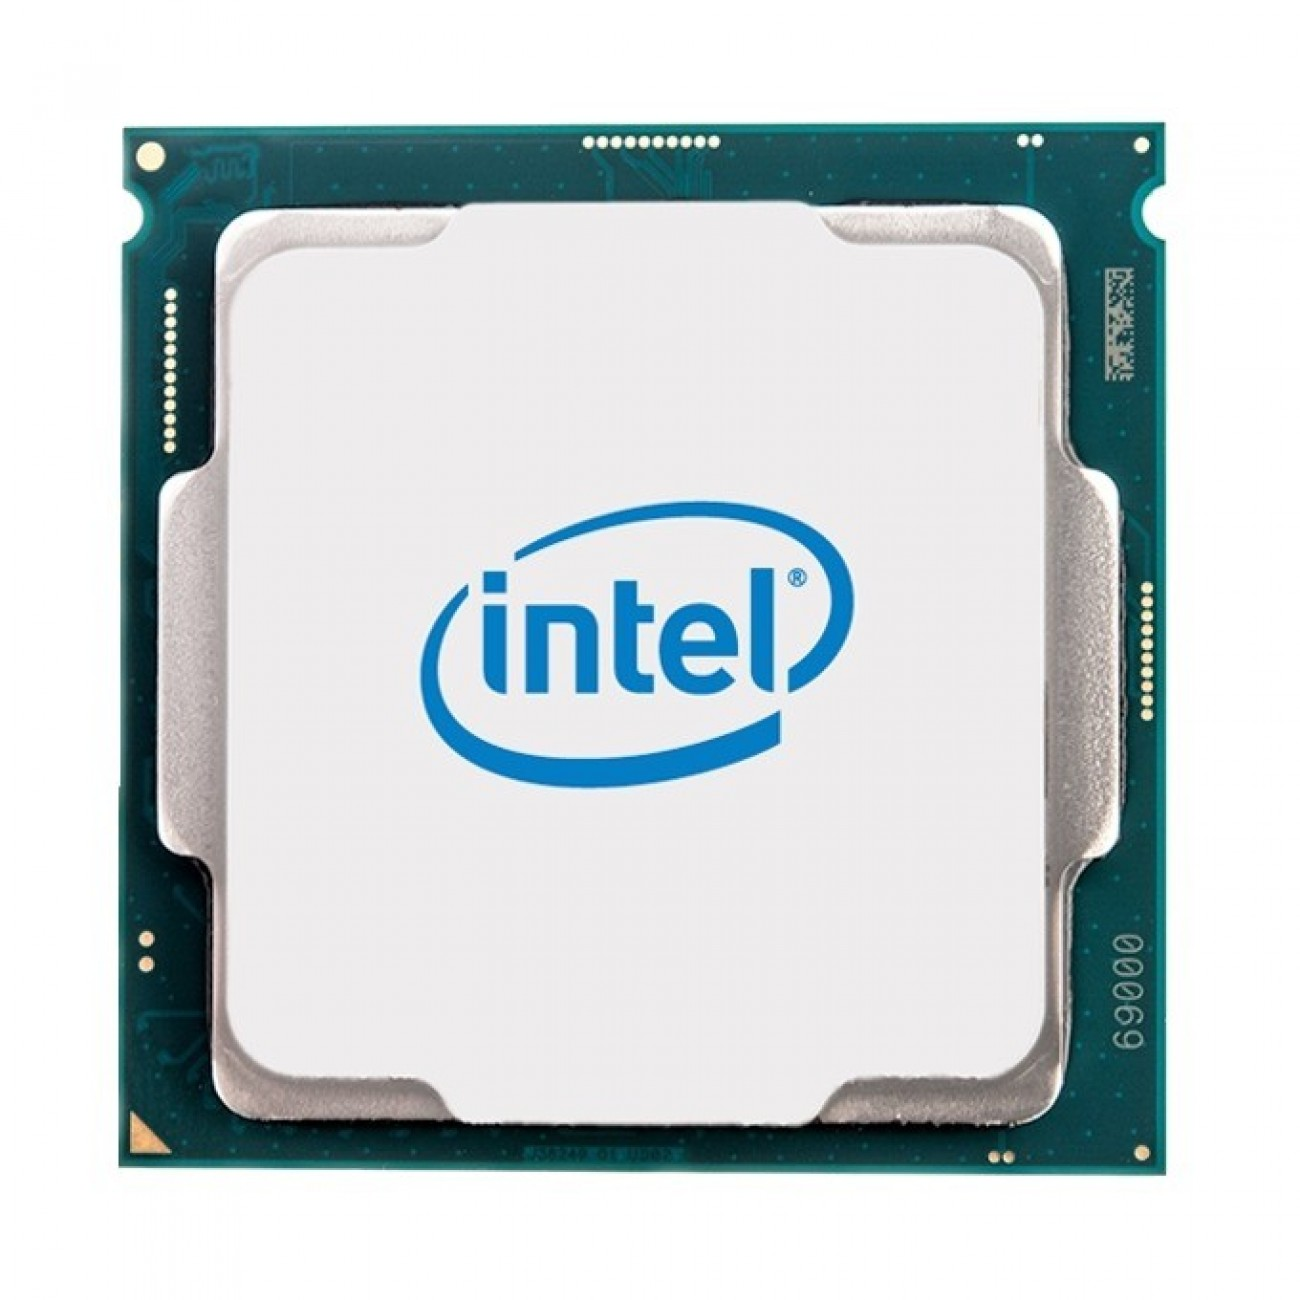 Intel Core i5-8500 Coffee Lake S, шестядрен (3.1GHz, 9MB Cache, 350MHz-1.10GHz GPU, LGA1151) BOX в Стенни часовници -  | Alleop